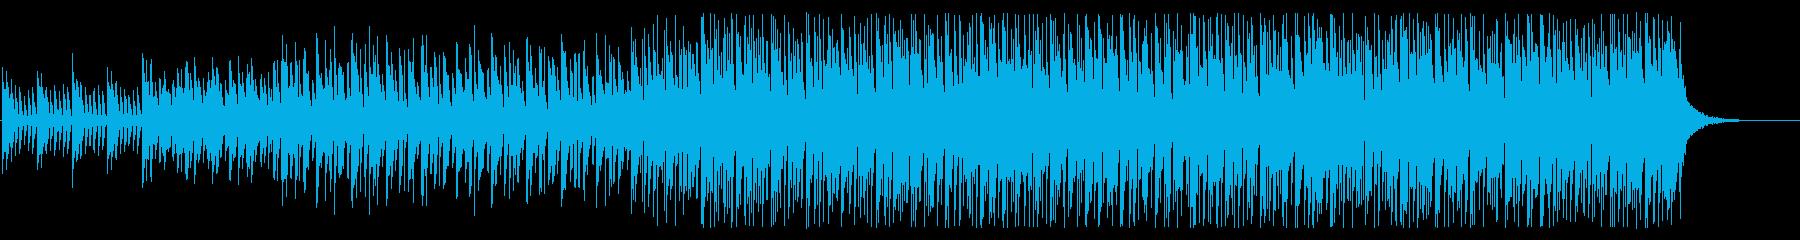 神秘的で不思議なポリリズム曲の再生済みの波形